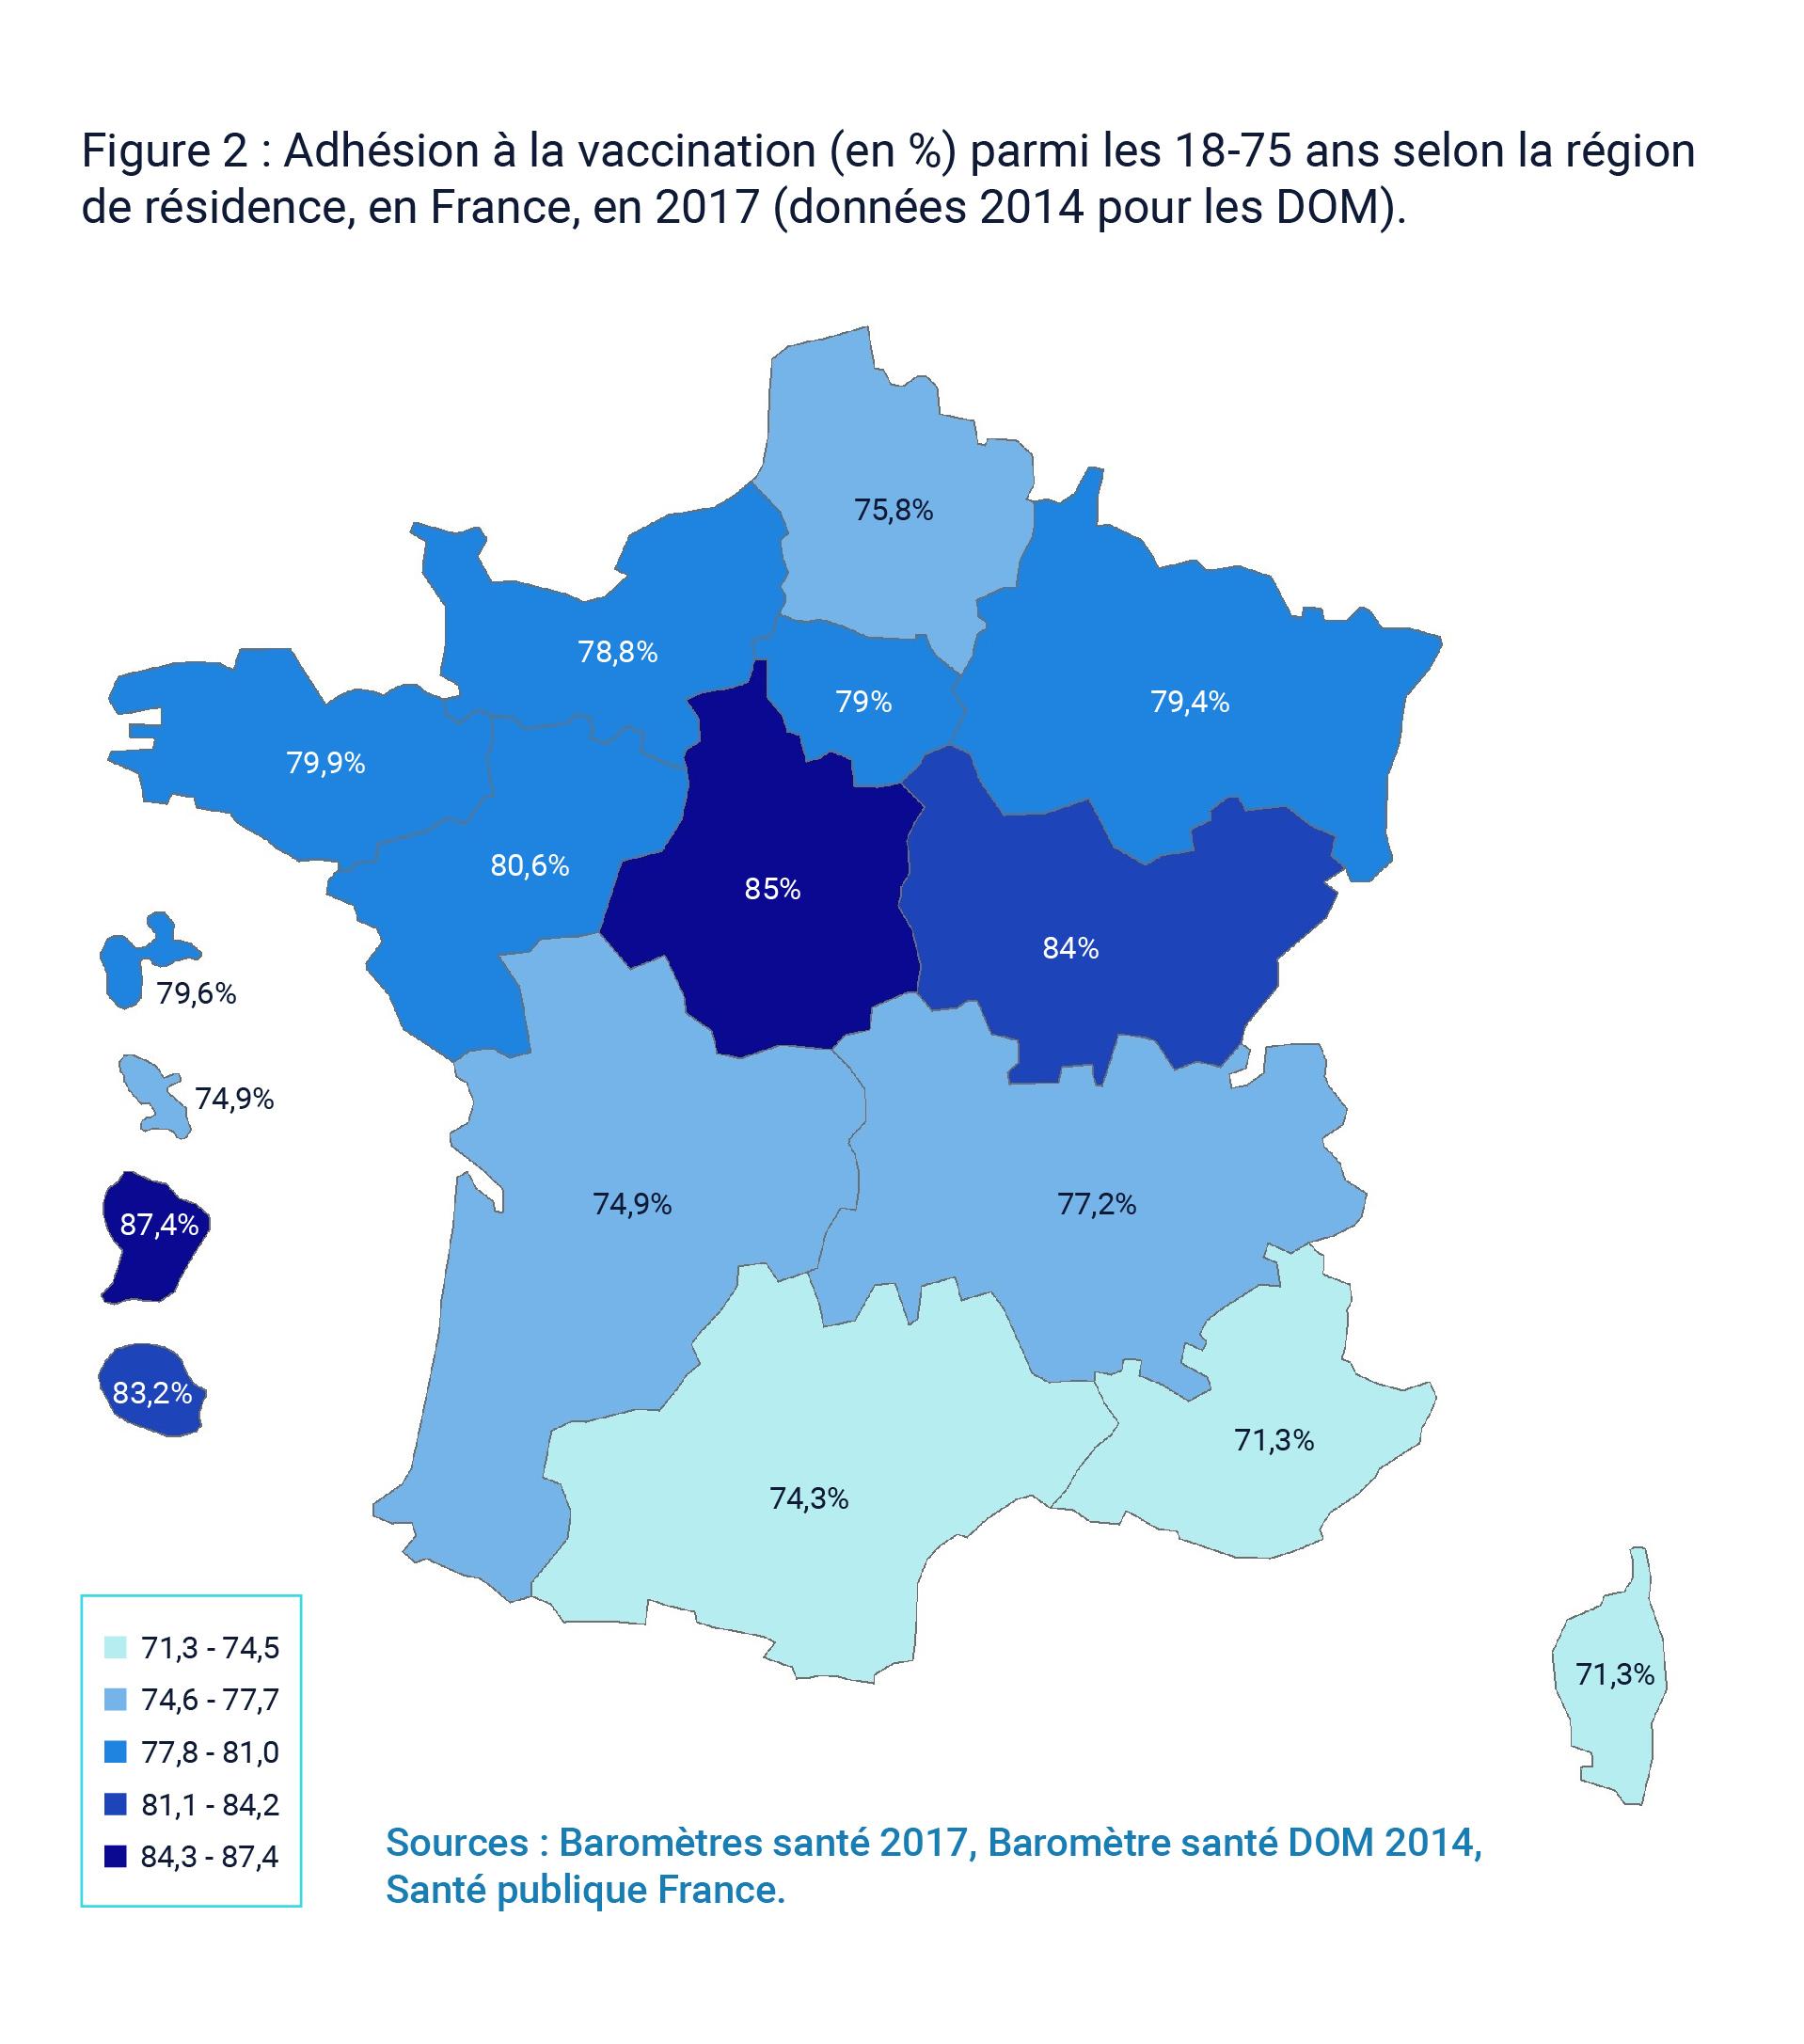 Perception Et Adhésion À La Vaccination En France destiné Nombre De Régions En France 2017